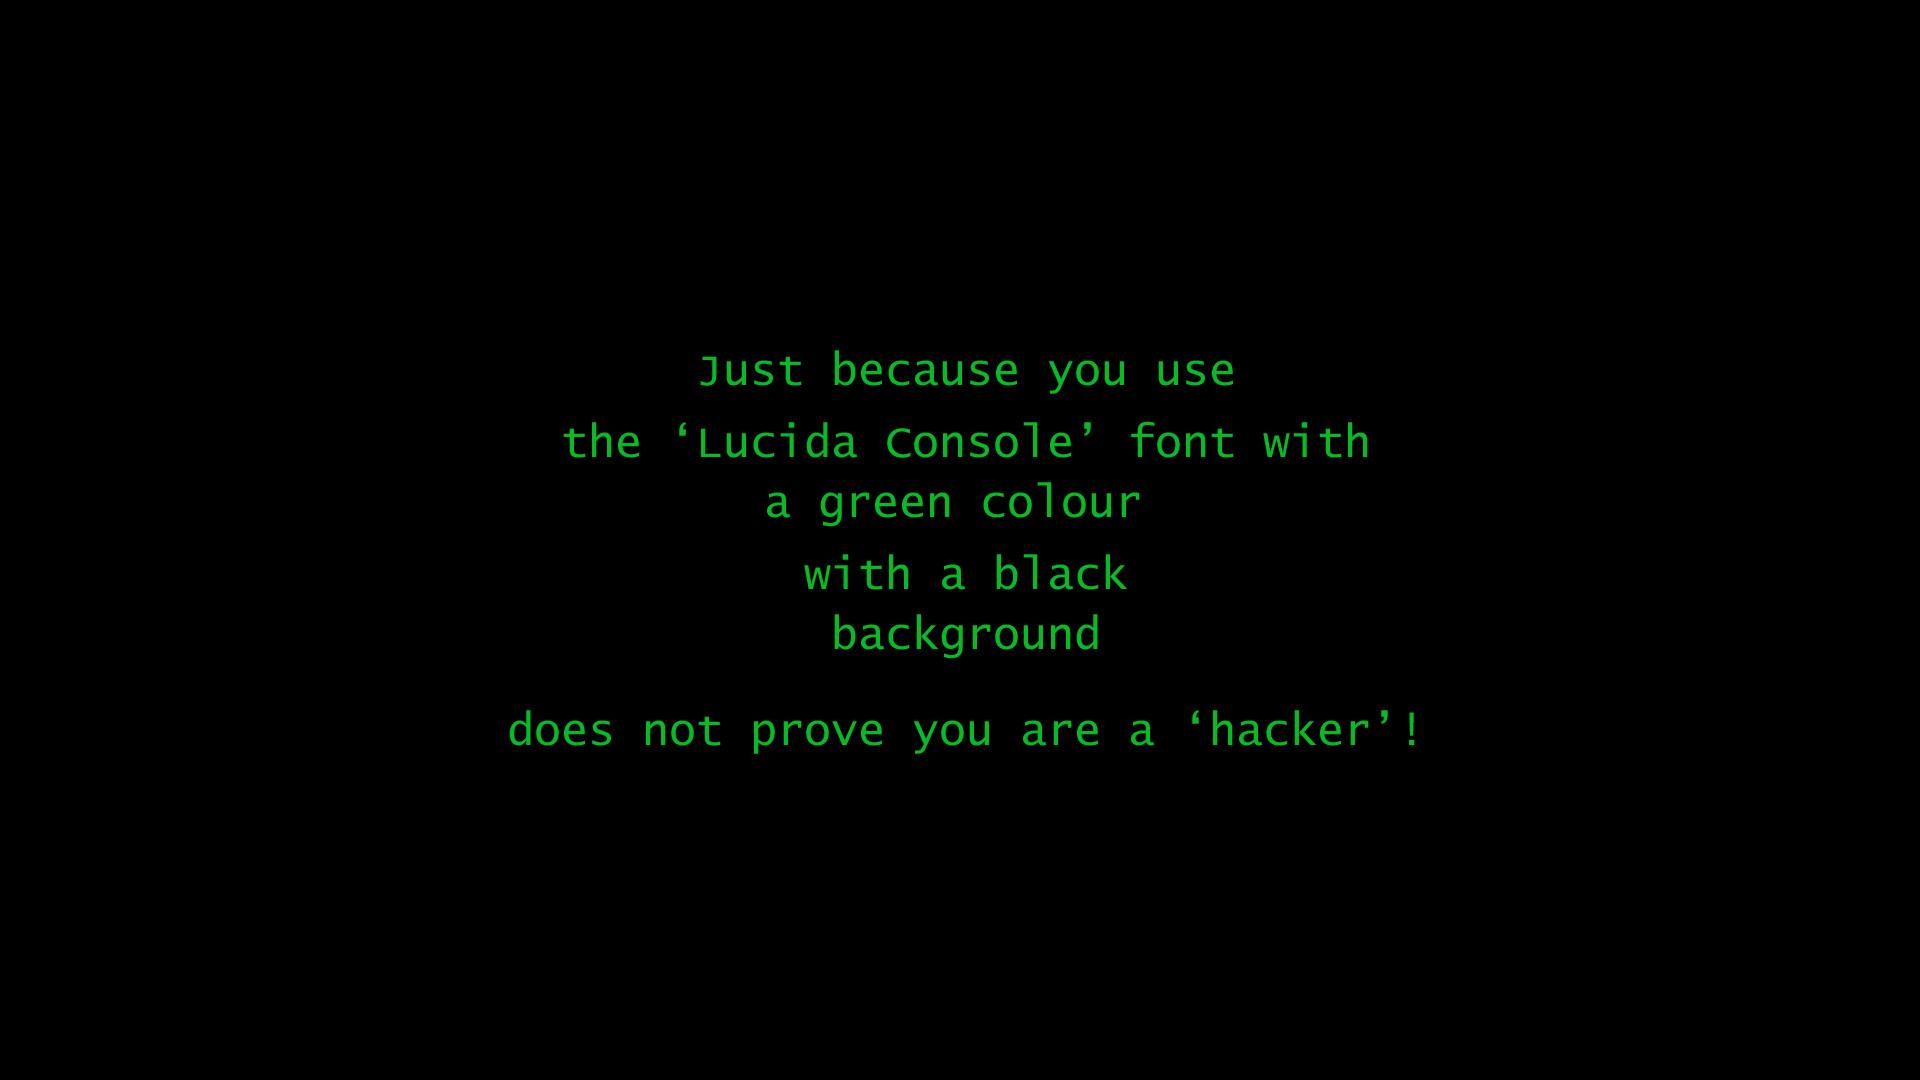 Hacker Black Green computer wallpaper     69646   WallpaperUP